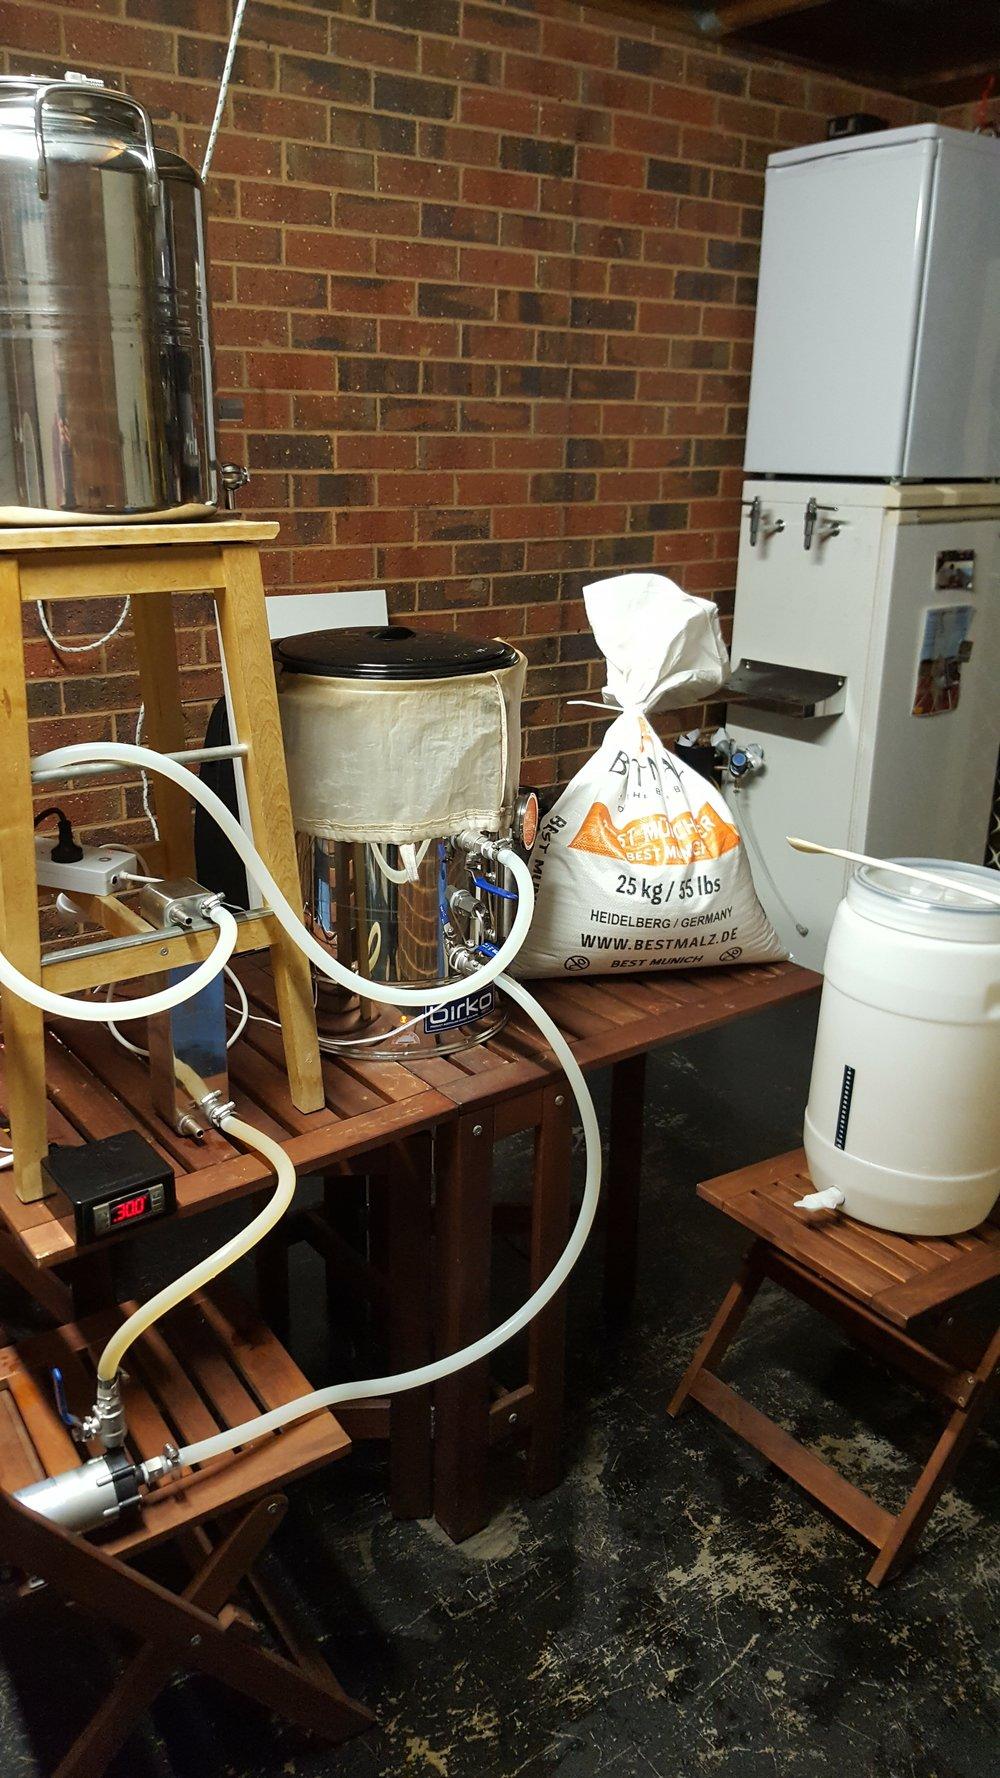 Pre-Brewing Setup